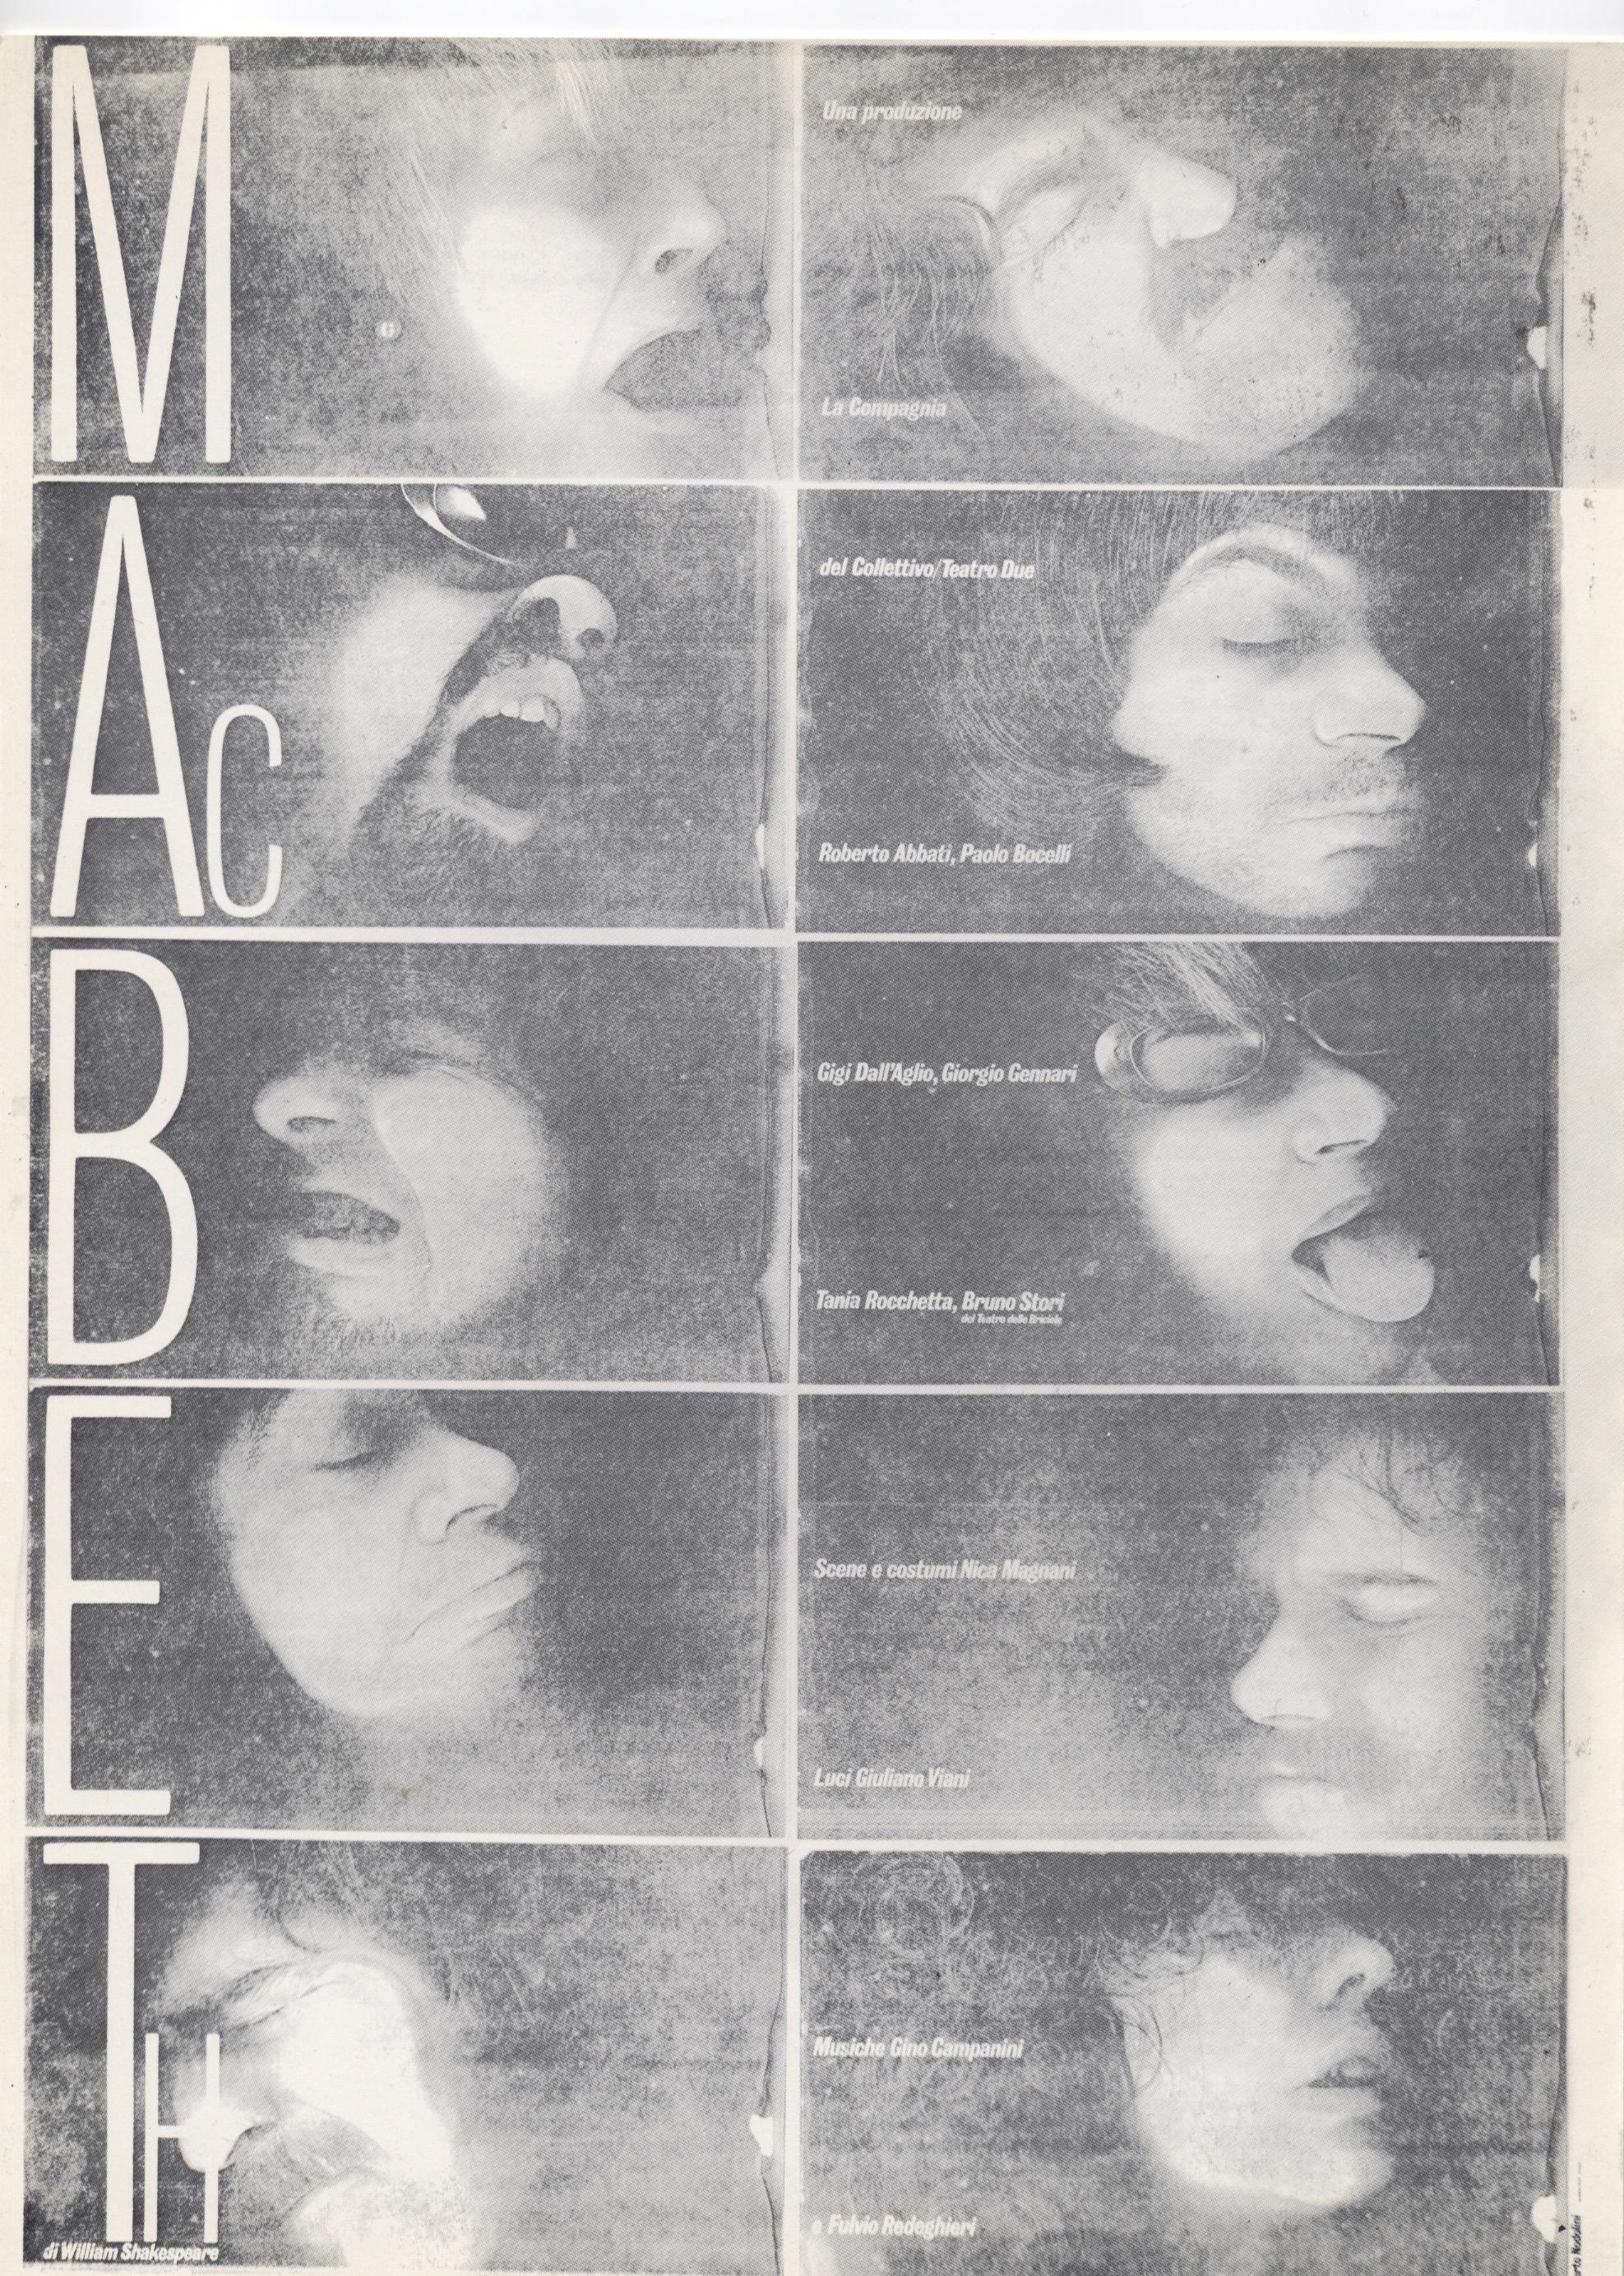 Macbeth Compagnia del Collettivo compagnia del collettivo